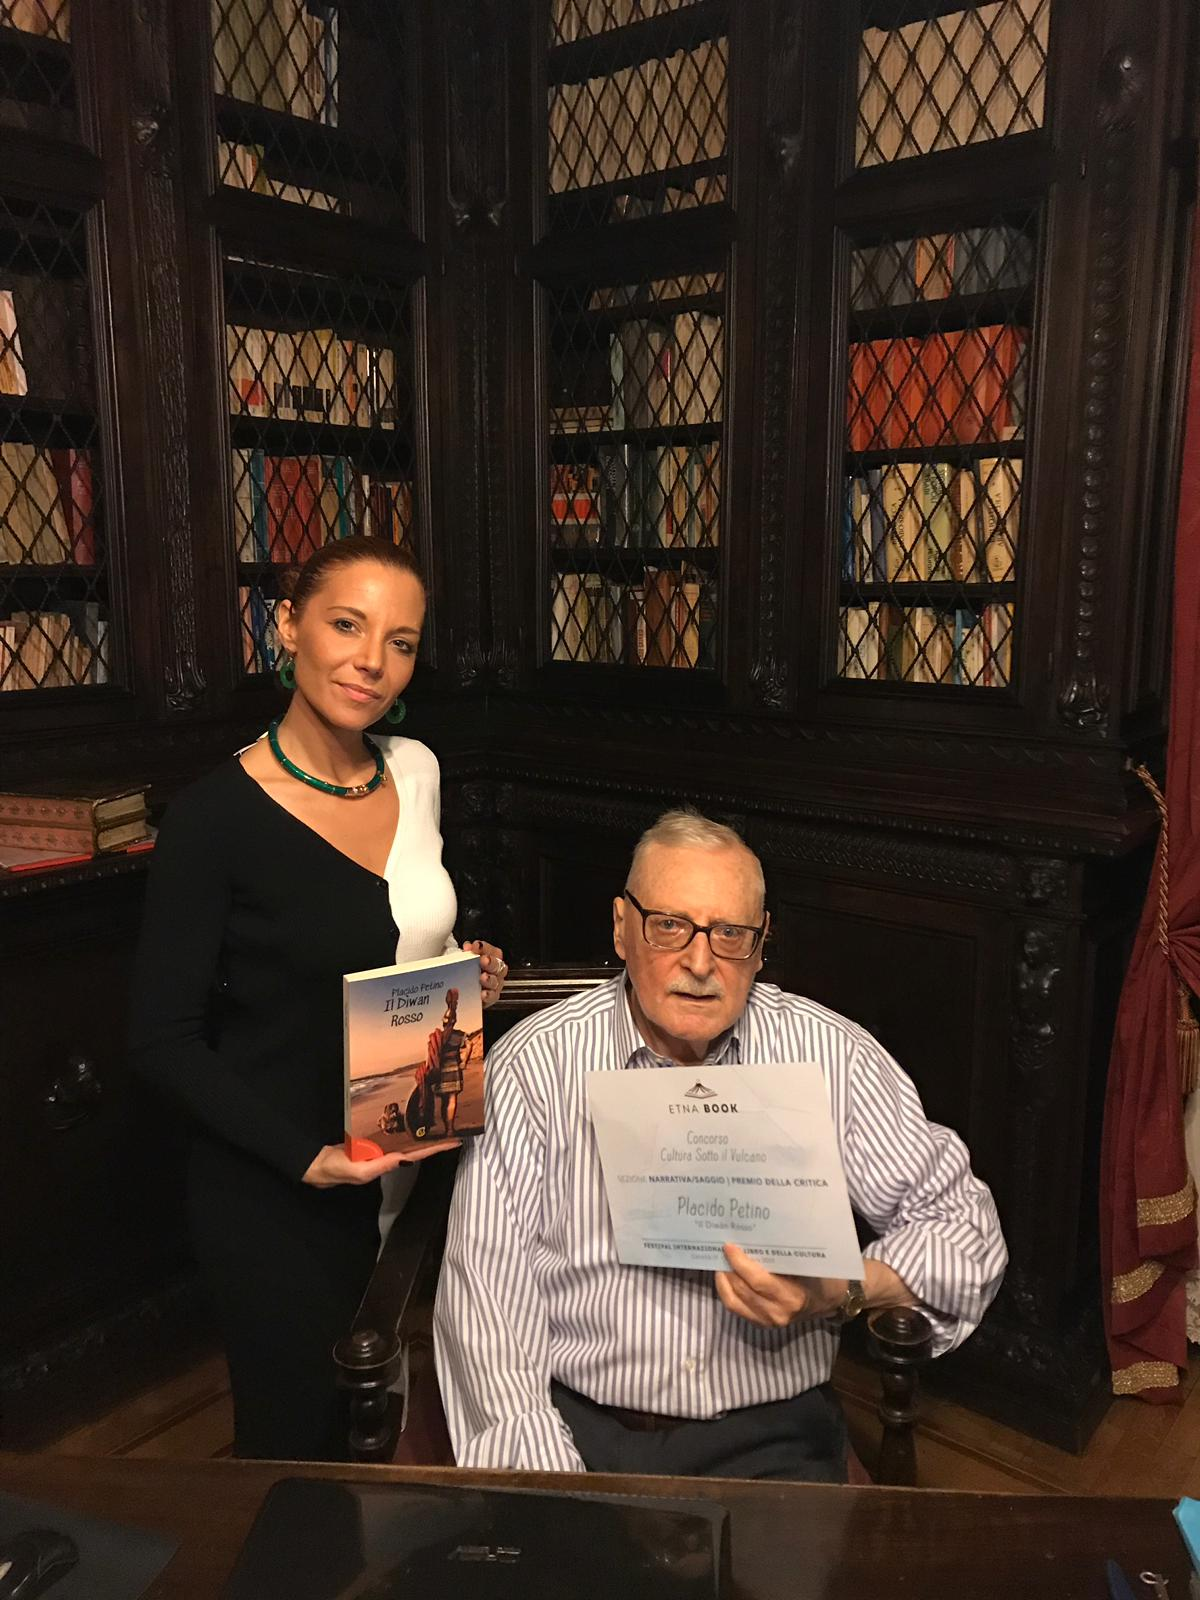 Placido Petino con l'agente letteraria Michela Tanfoglio -  Igor photo